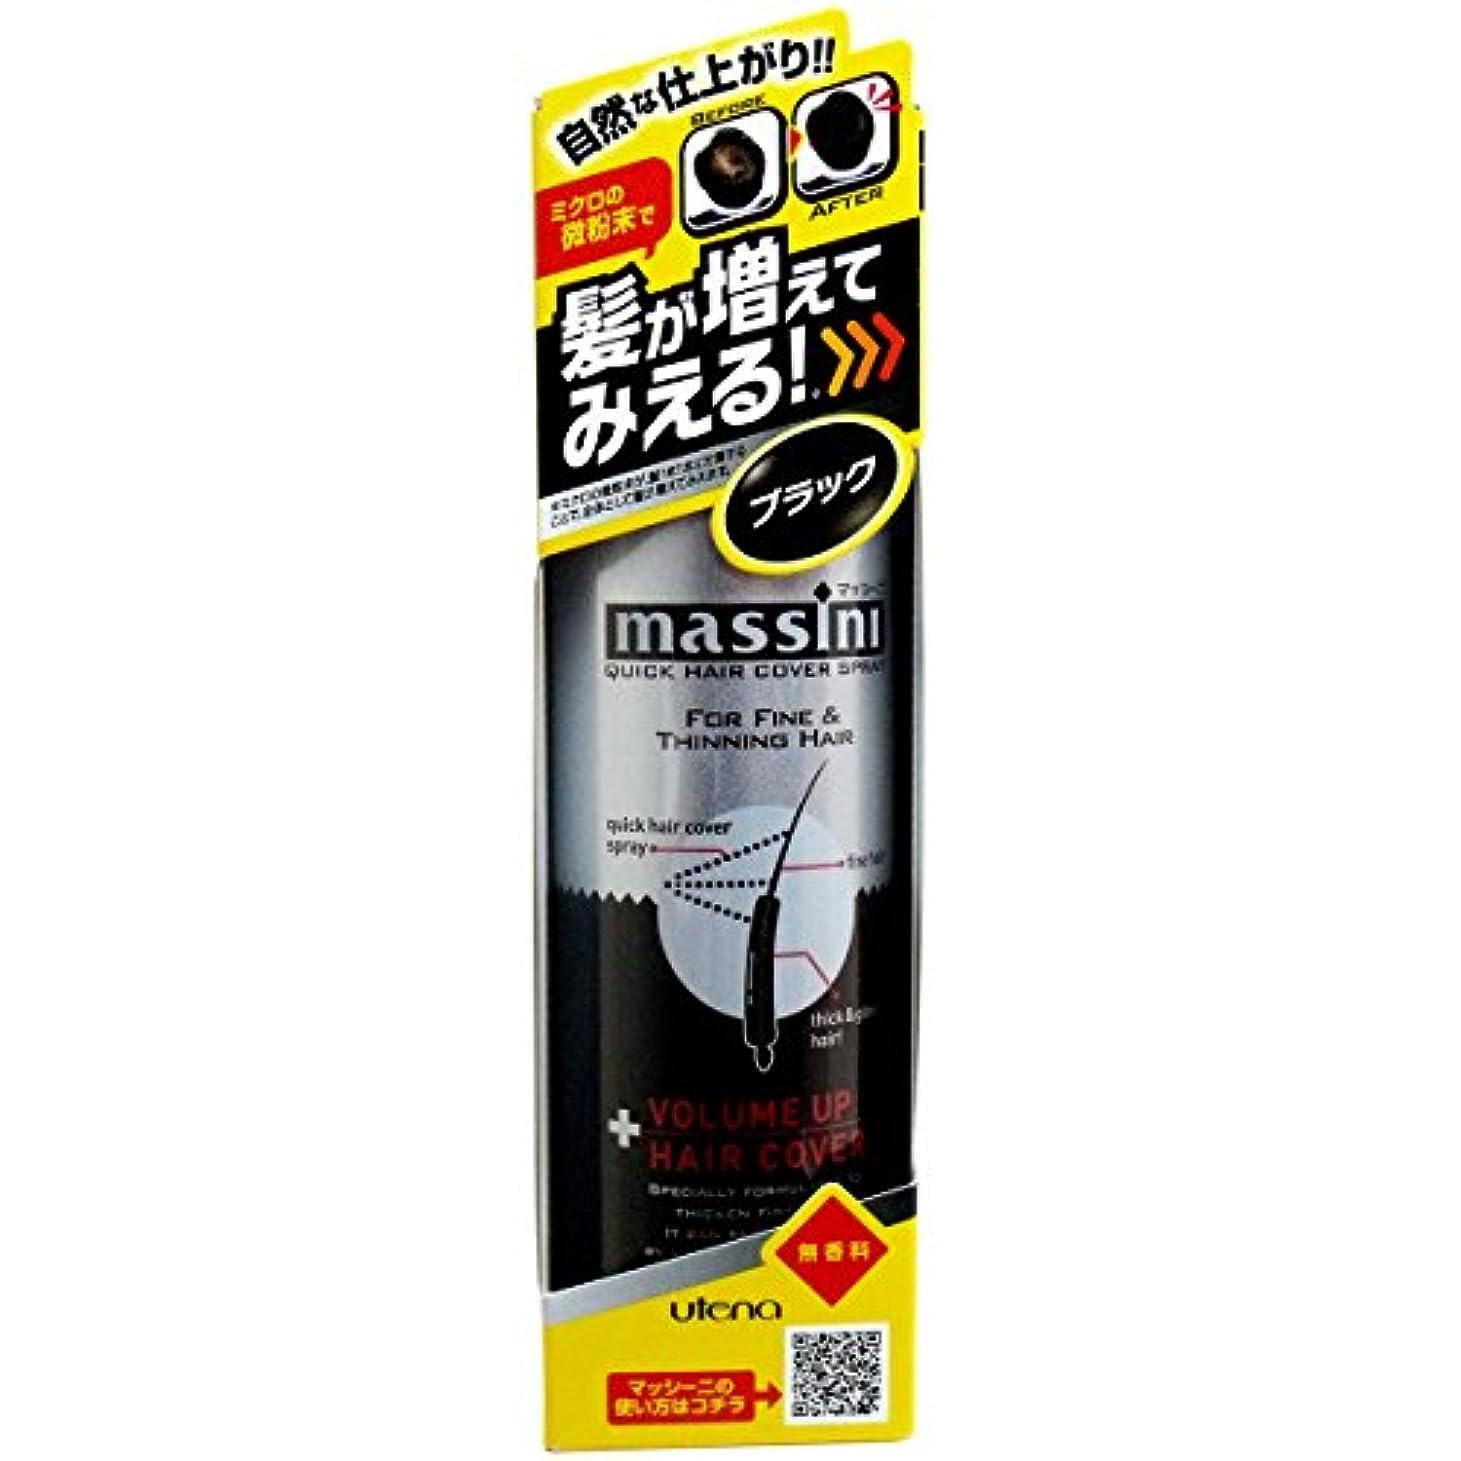 放散する枯渇寄り添う【ウテナ】マッシーニ クィックヘアカバースプレー(ブラック) 140g ×5個セット